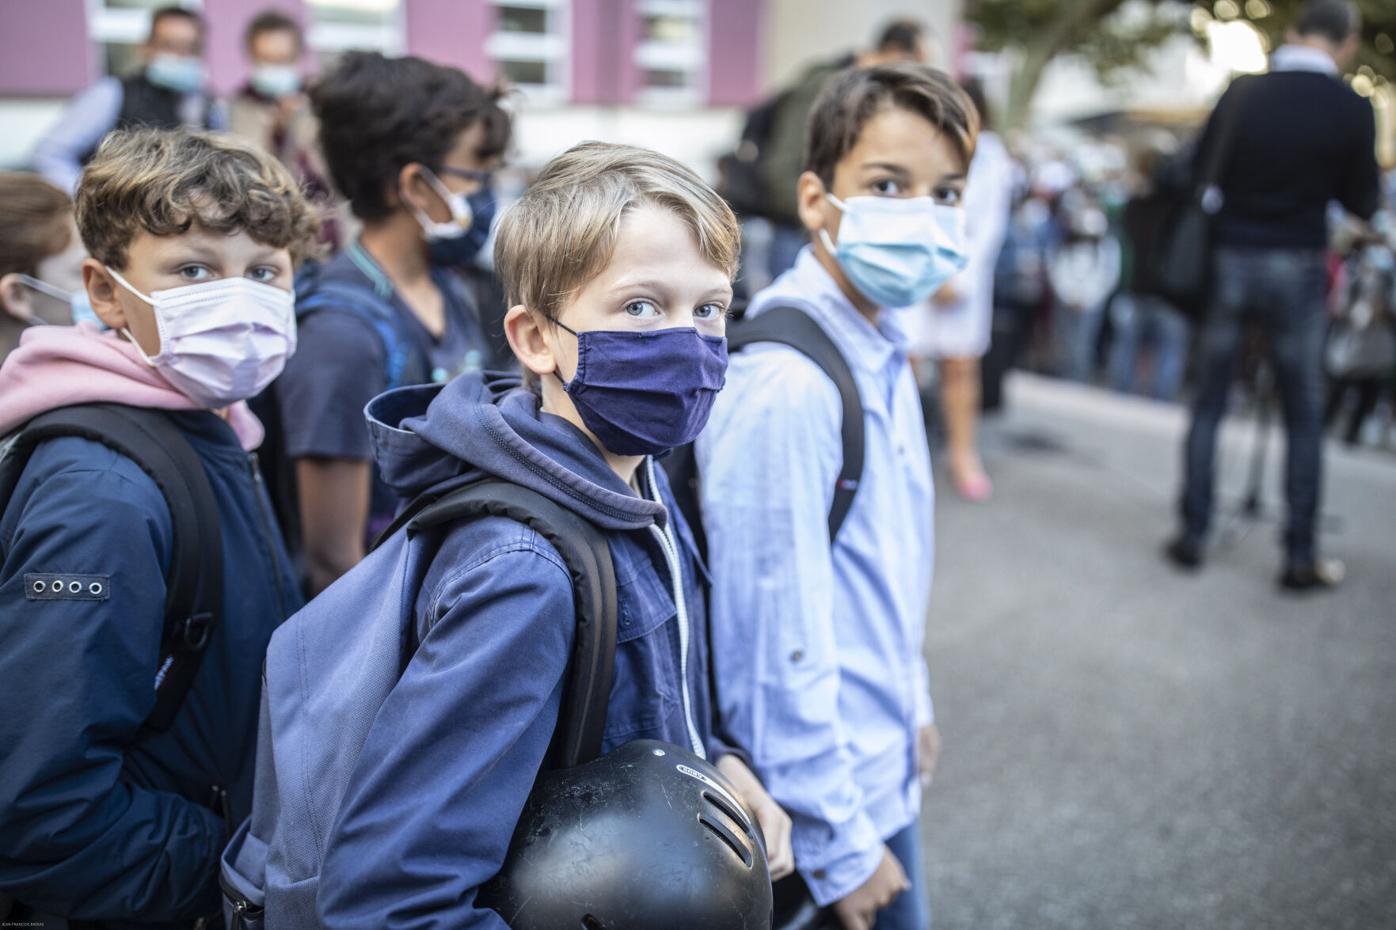 Học sinh đeo khẩu trang đến trường ở Strasbourg, Pháp hôm 2/9. Ảnh: AP.